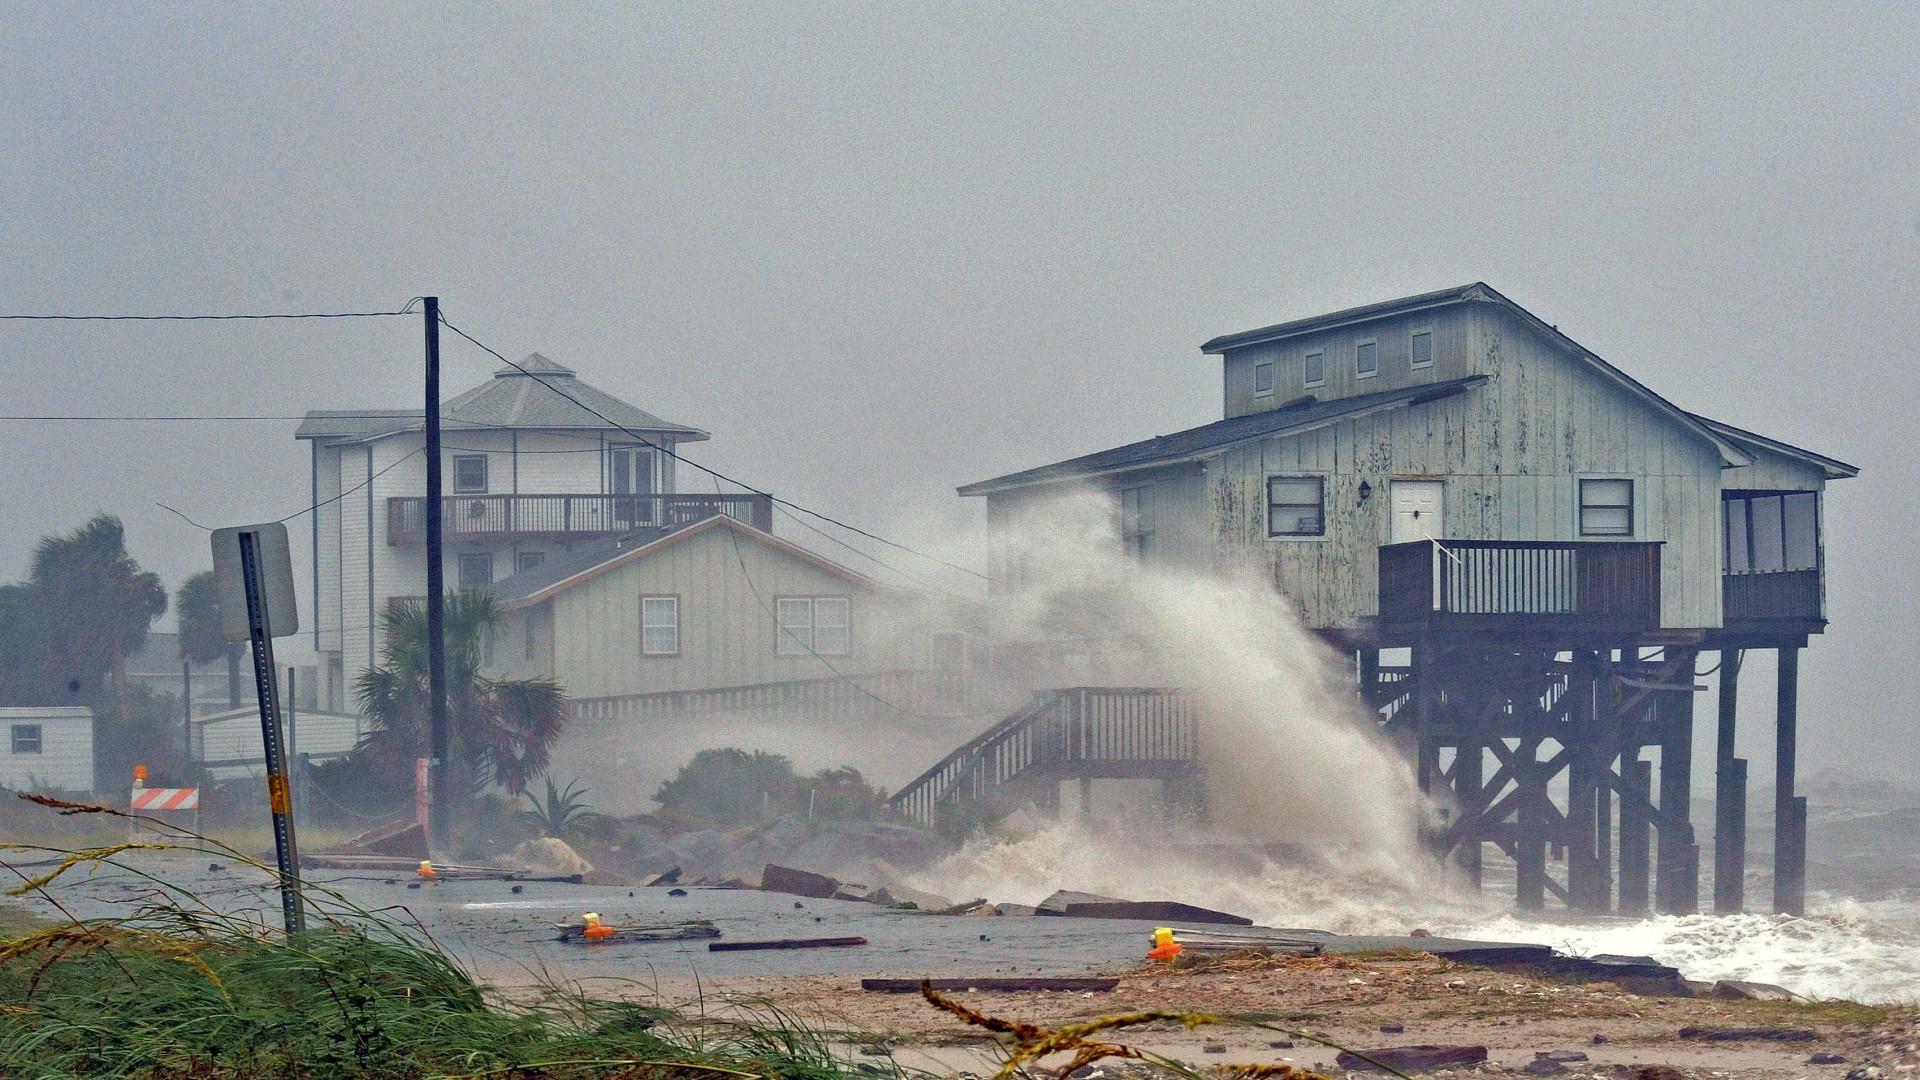 Furacão Michael é rebaixado a tempestade tropical após devastar Flórida